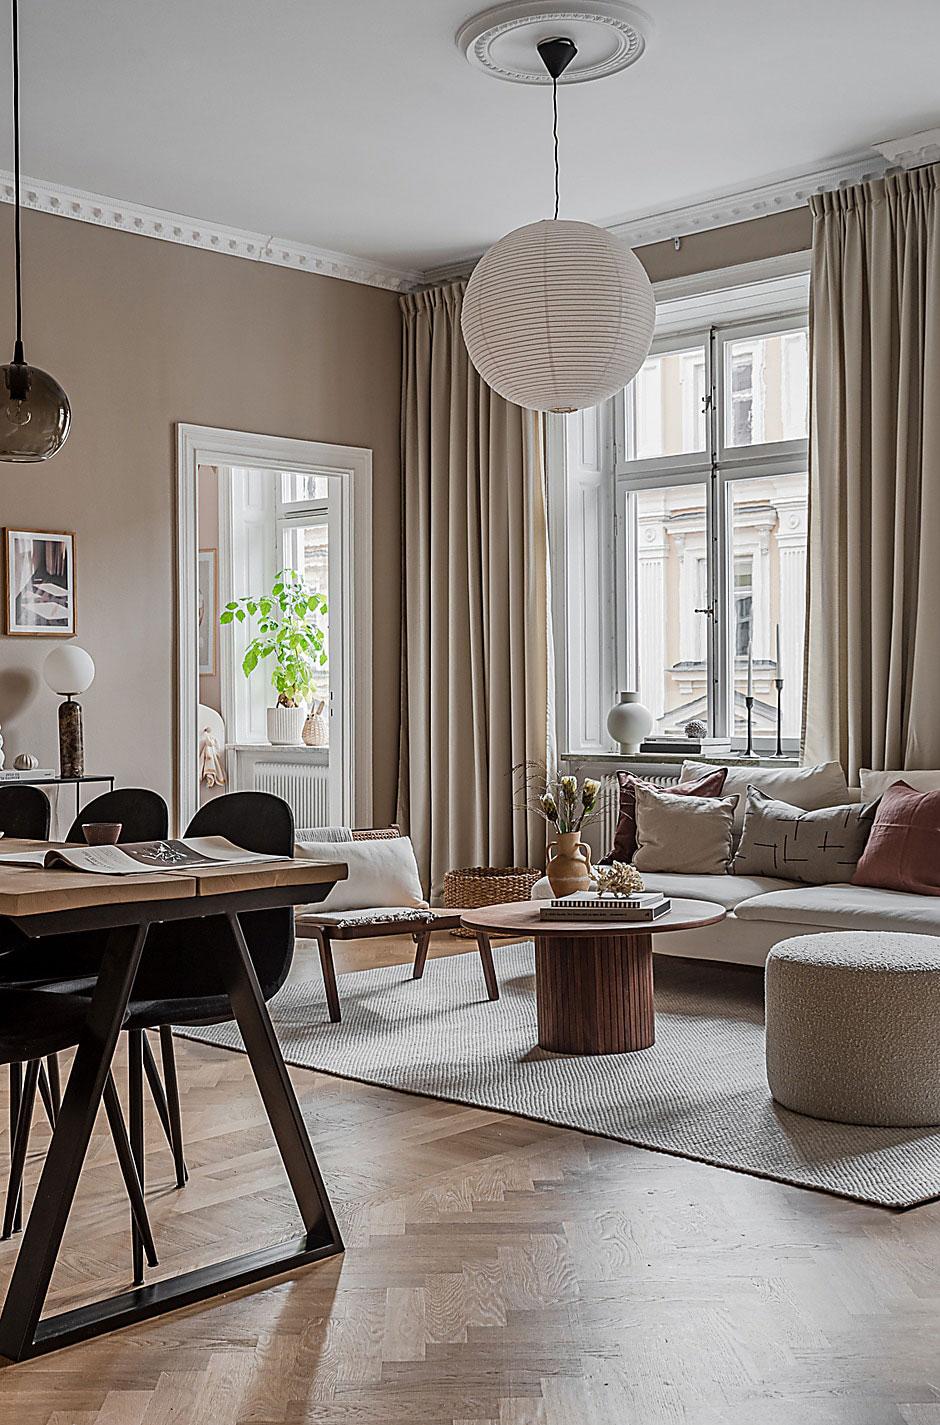 Прекрасный бежевый интерьер уютной скандинавской квартиры с открытой гостиной (69 кв. м)